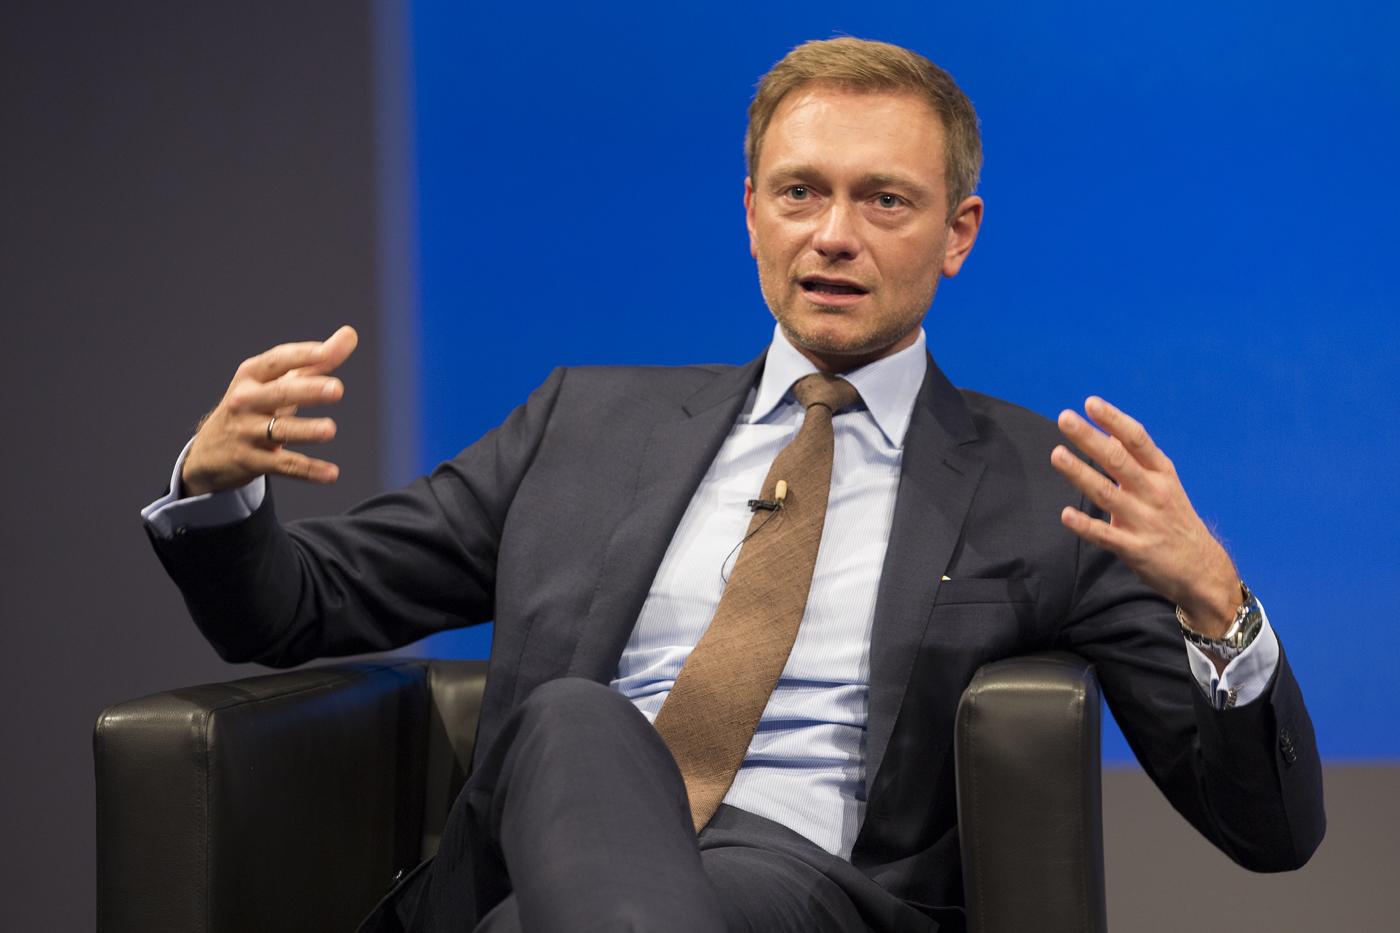 Politiker, die in Startups investieren | Companisto Blog